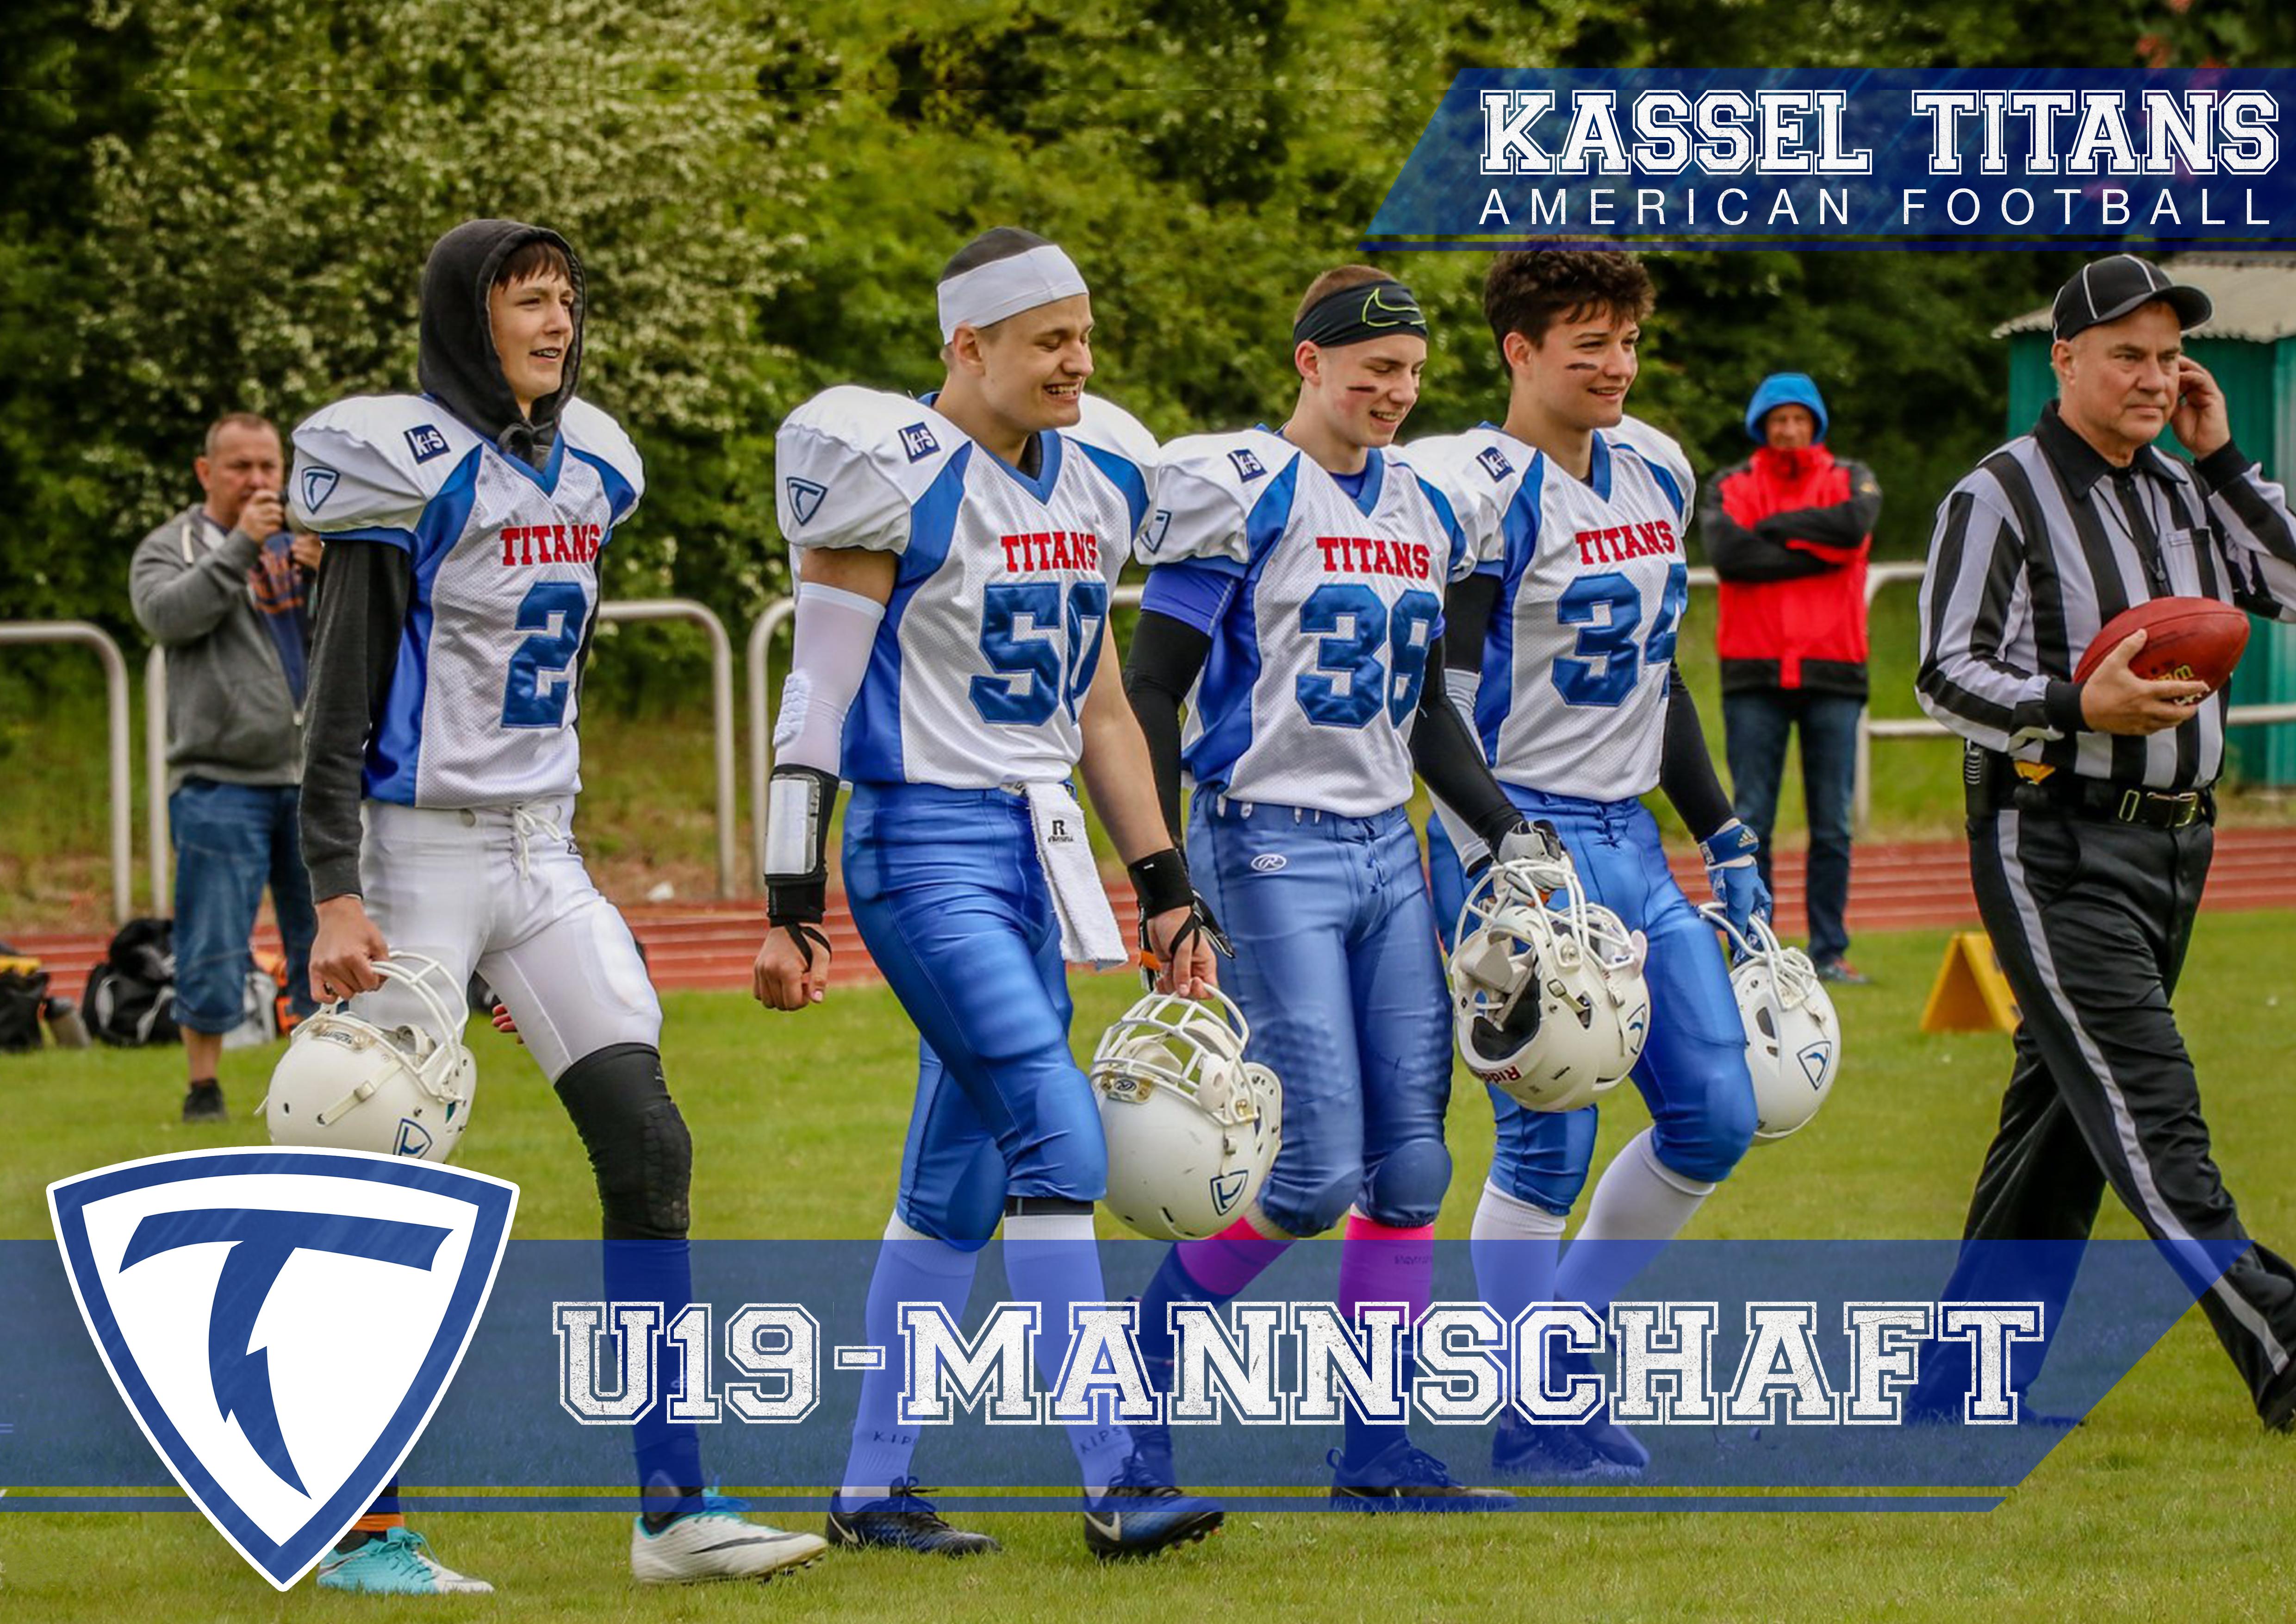 Sieg Kassel Titans U19 42:00 Bürstadt Redskins (Spielbericht)